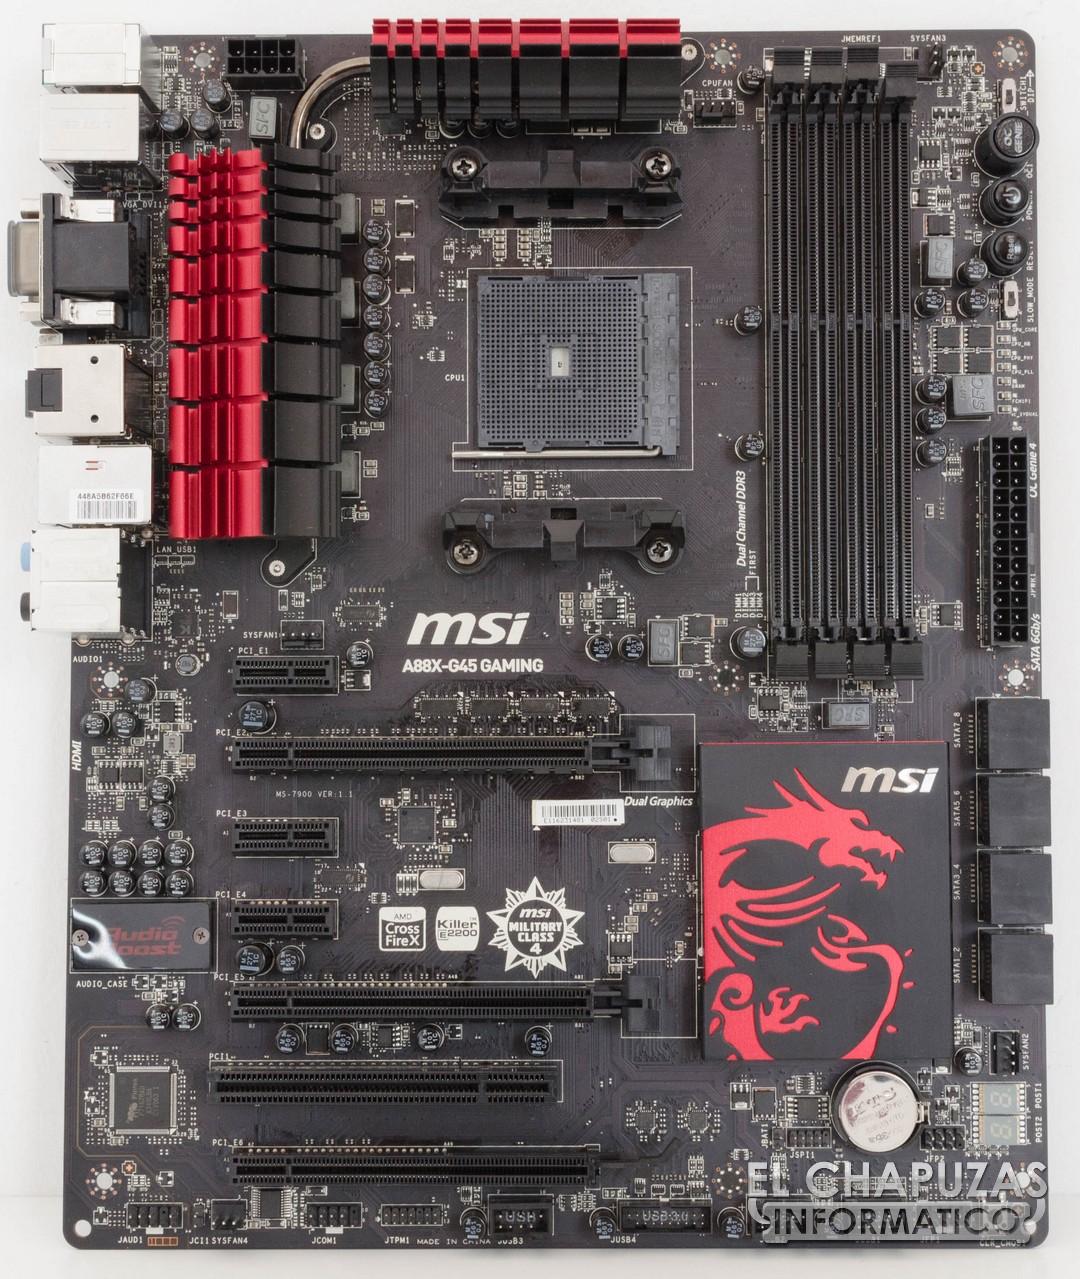 MSI A88X-G45 Gaming VIA USB 3.0 Driver Windows 7